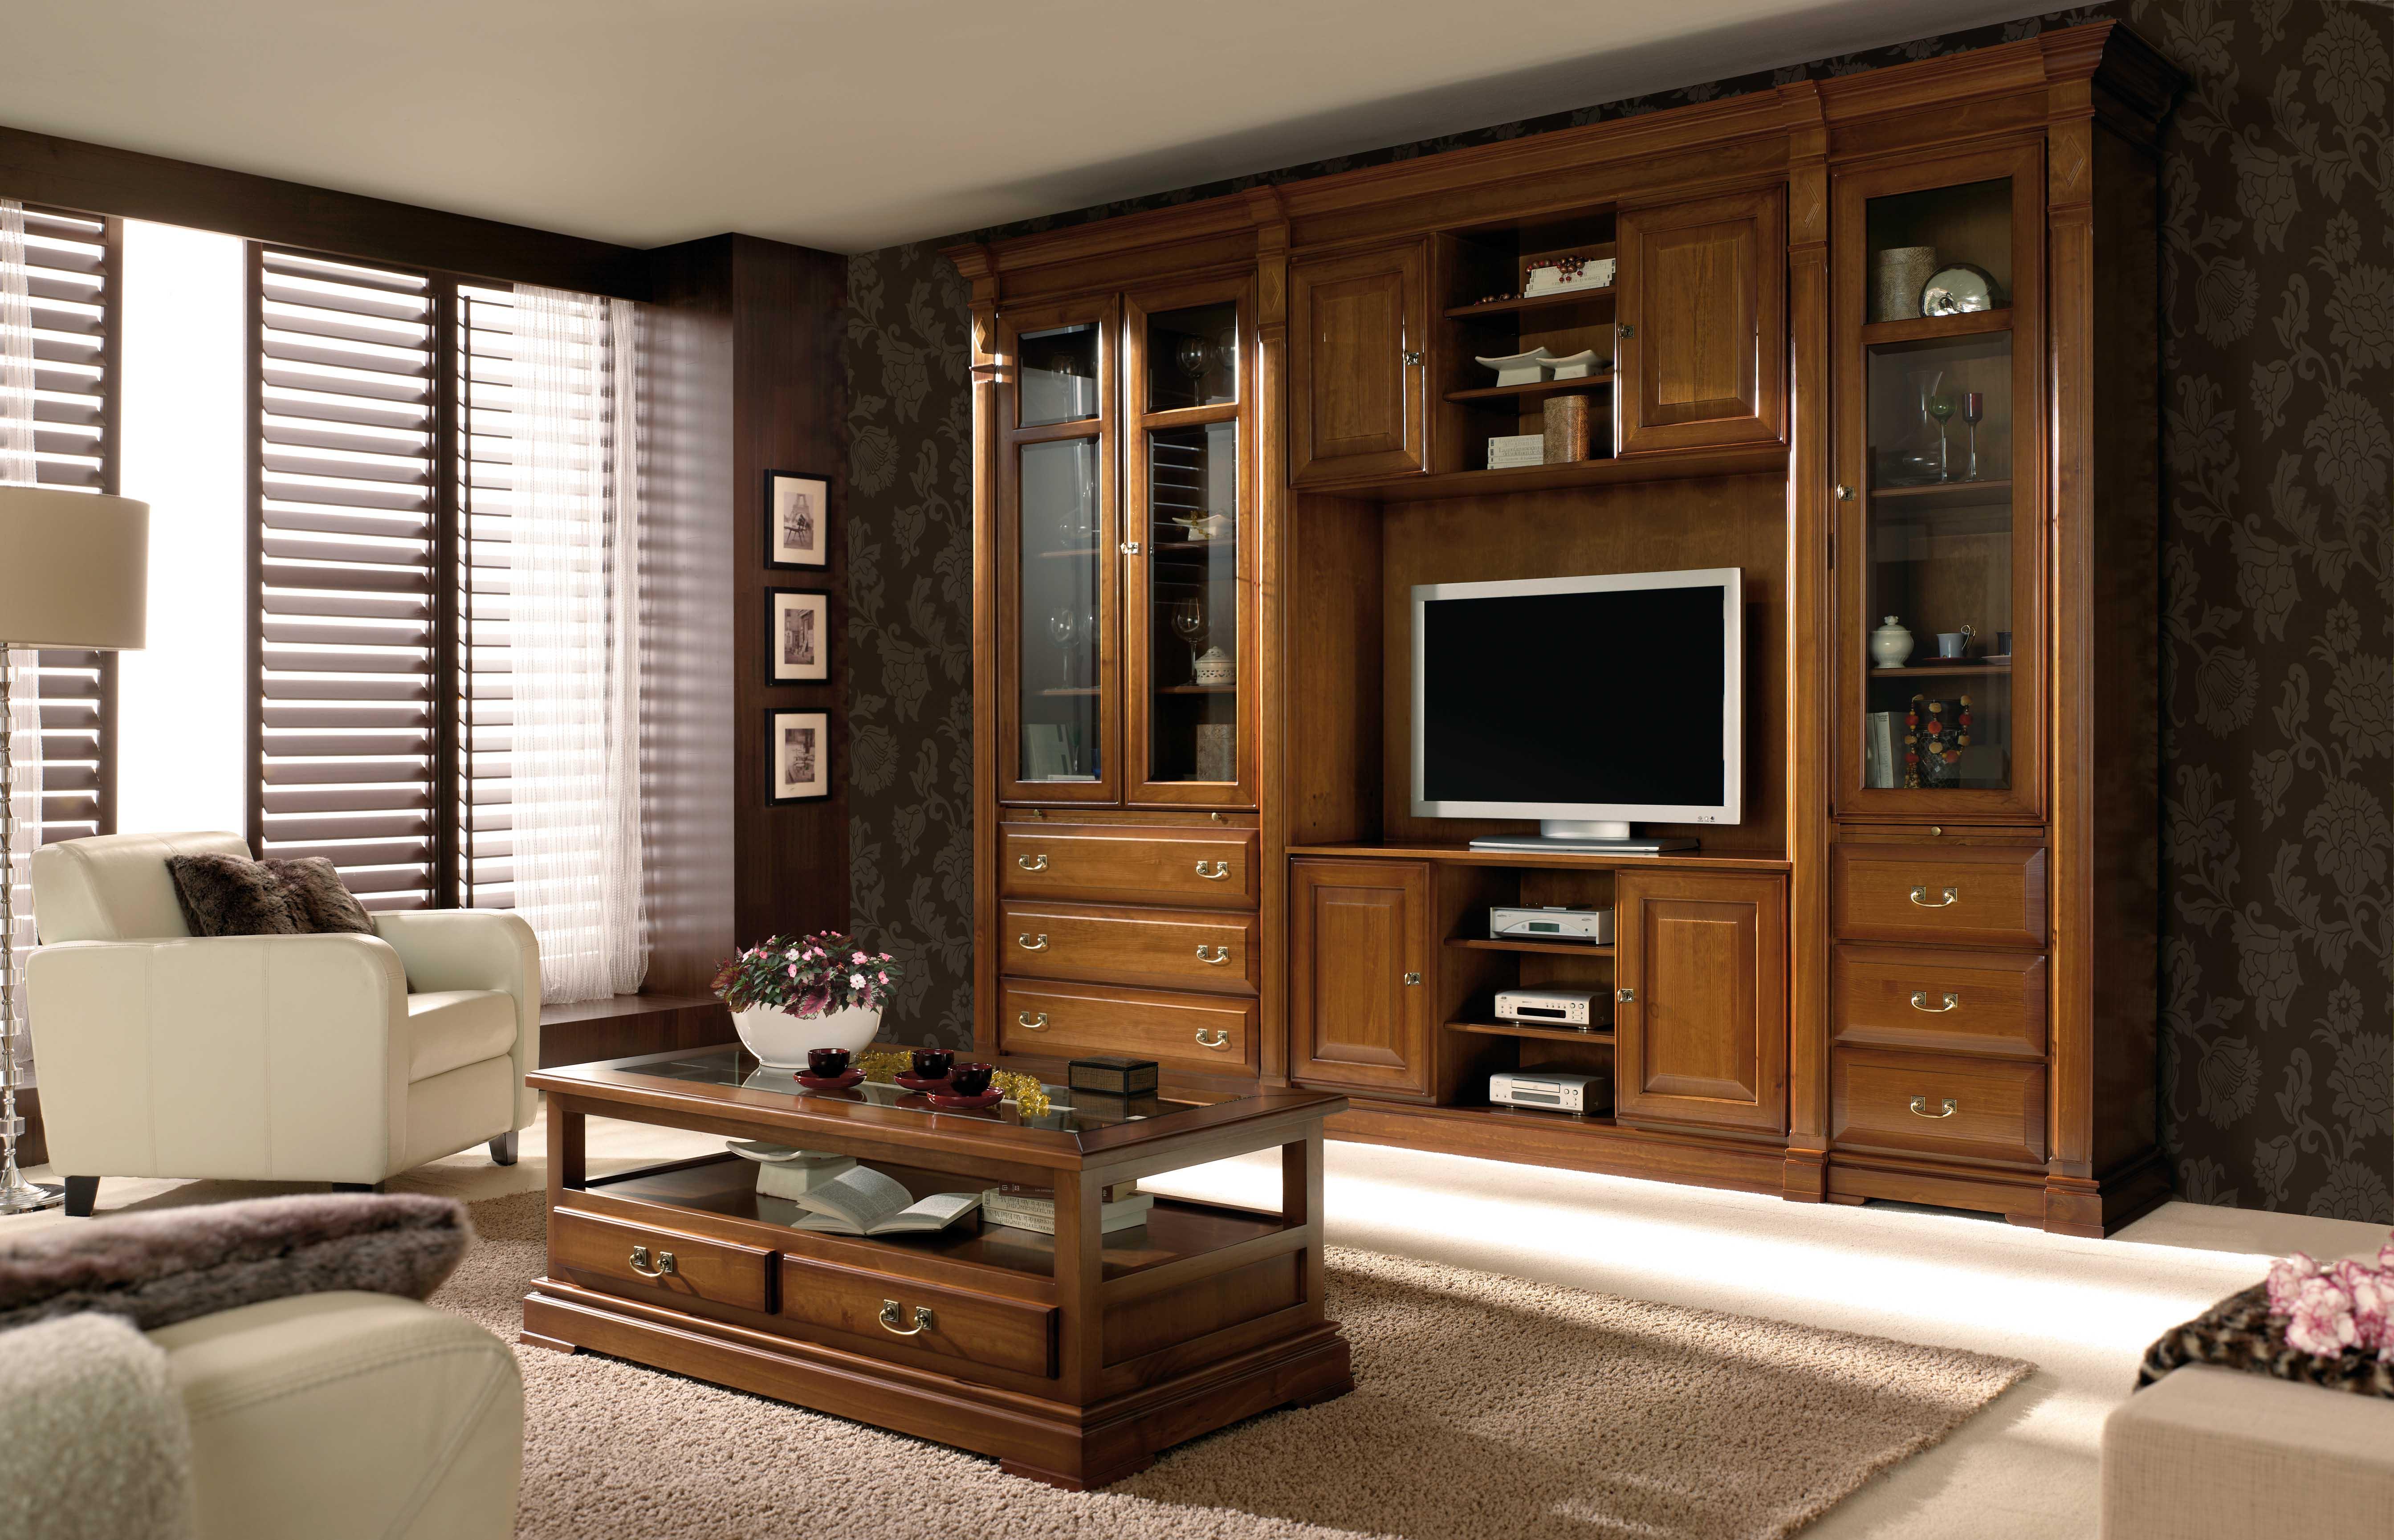 Salones de madera nuestra mundo en estilo esandinavo for Salones de madera modernos